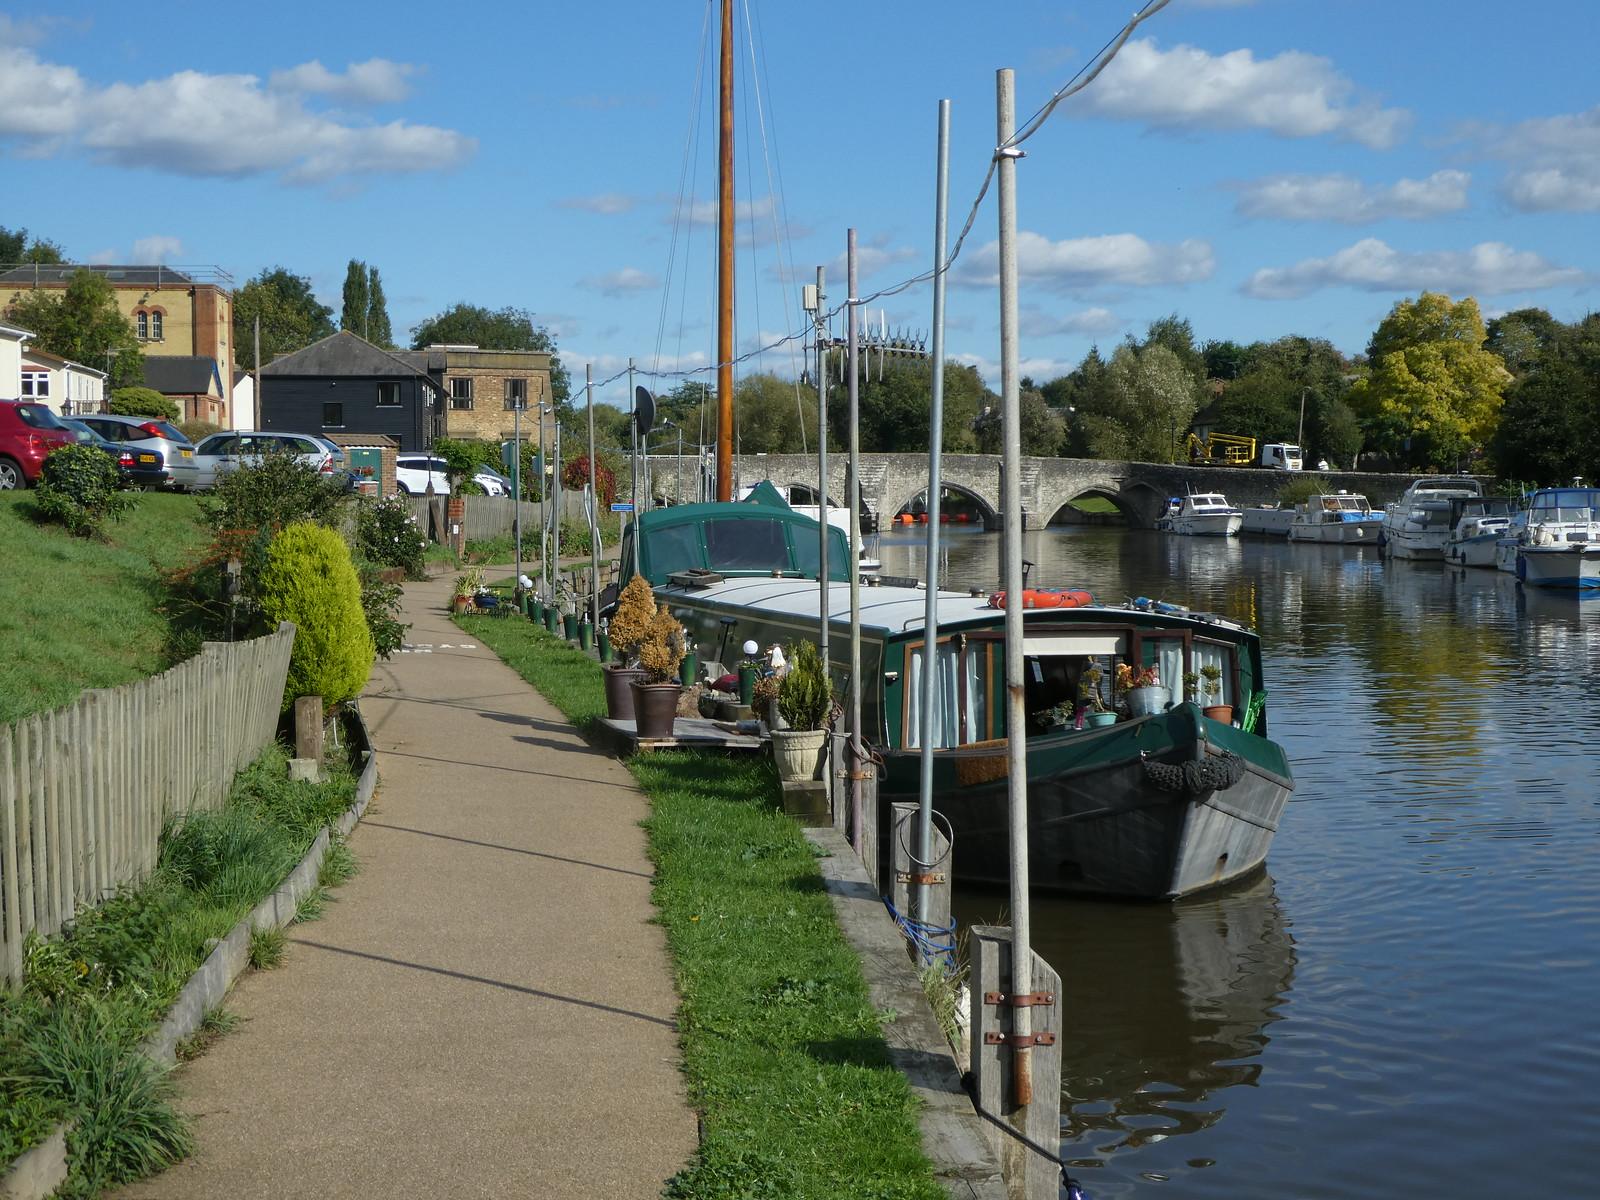 East Farleigh riverside Wateringbury Circular walk